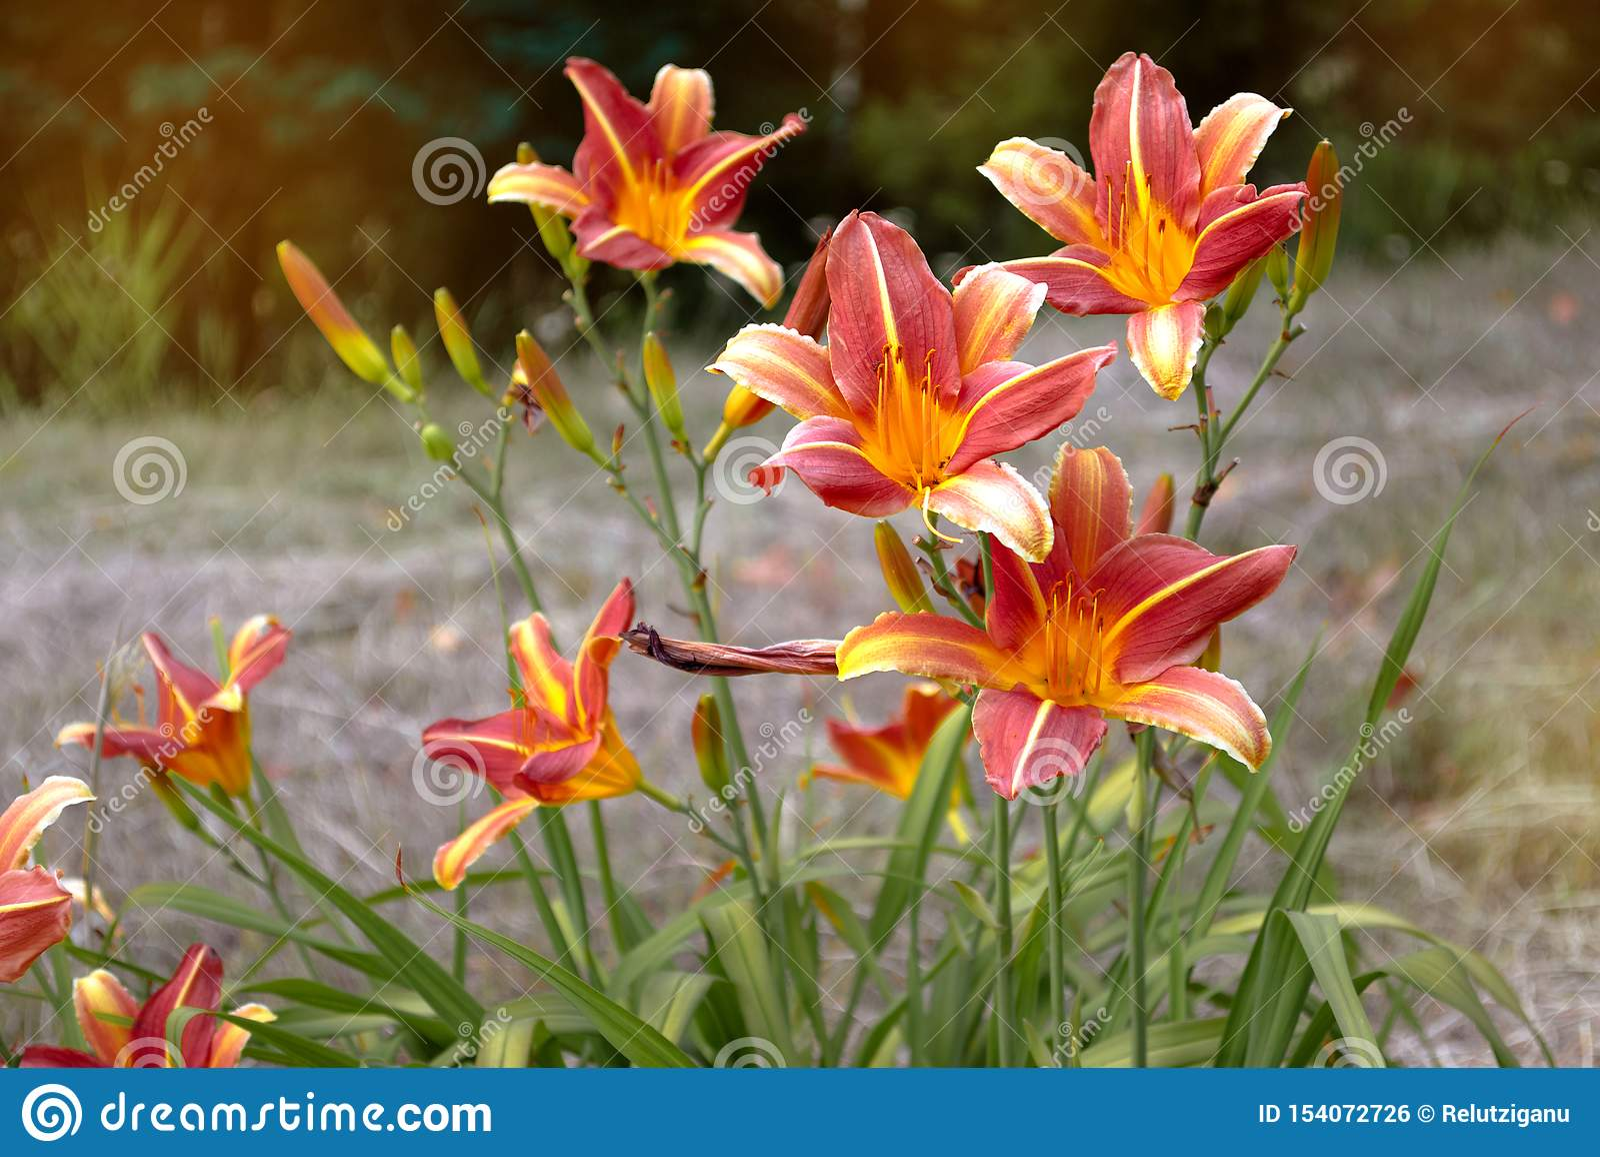 Lírio amarelo da flor em um fundo do parque verde Fim amarelo do lírio acima em um fundo borrado das folhas verdes em um dia enso